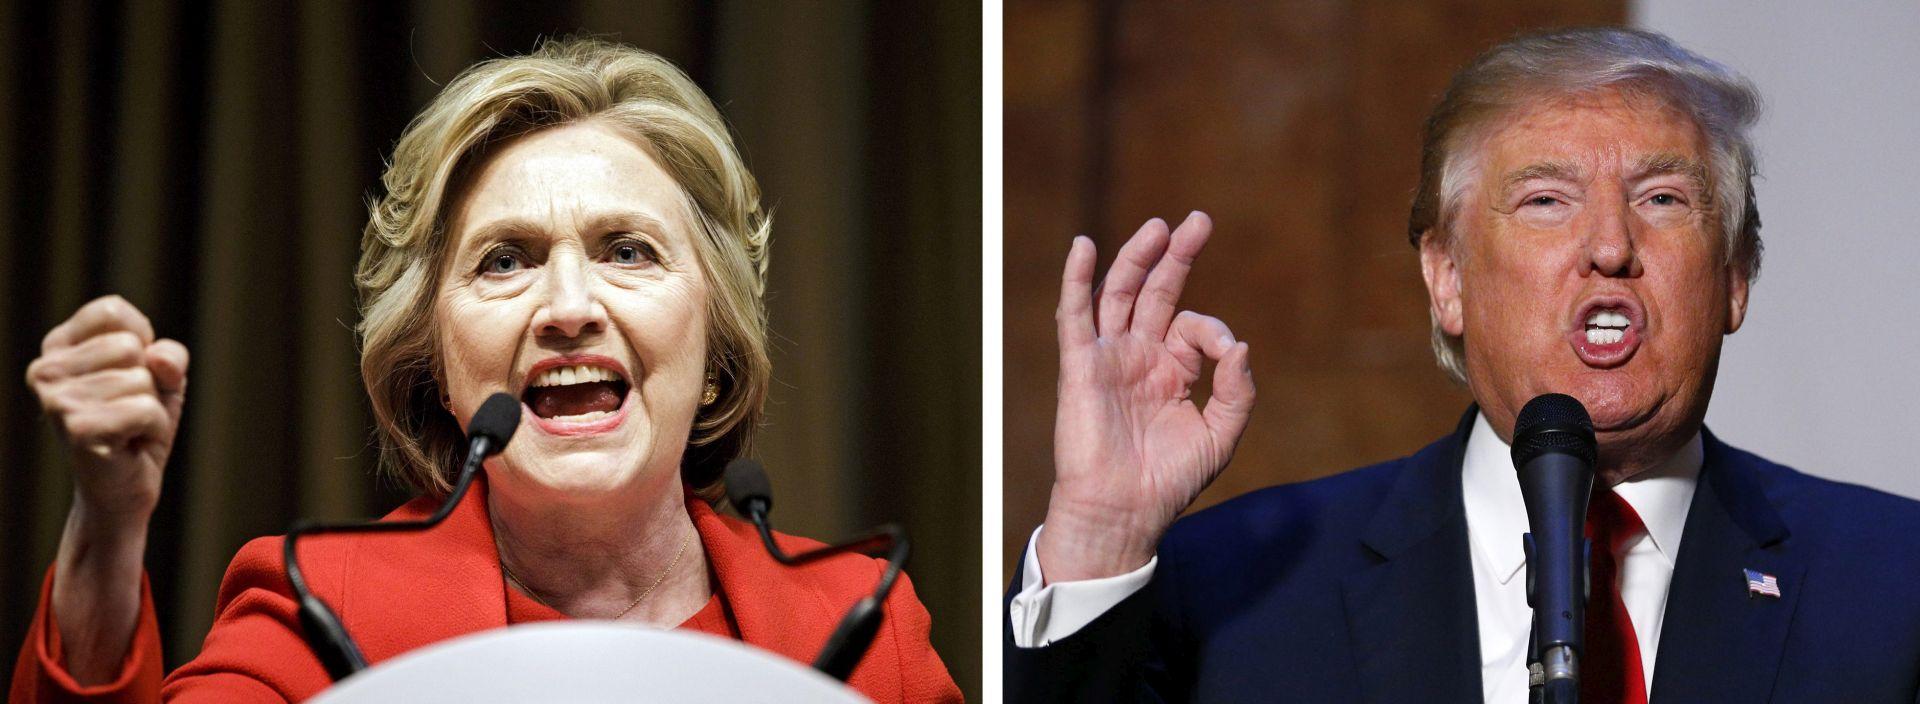 REZULTATI ISTRAŽIVANJA: Trump blago smanjio razliku u odnosu na Clinton